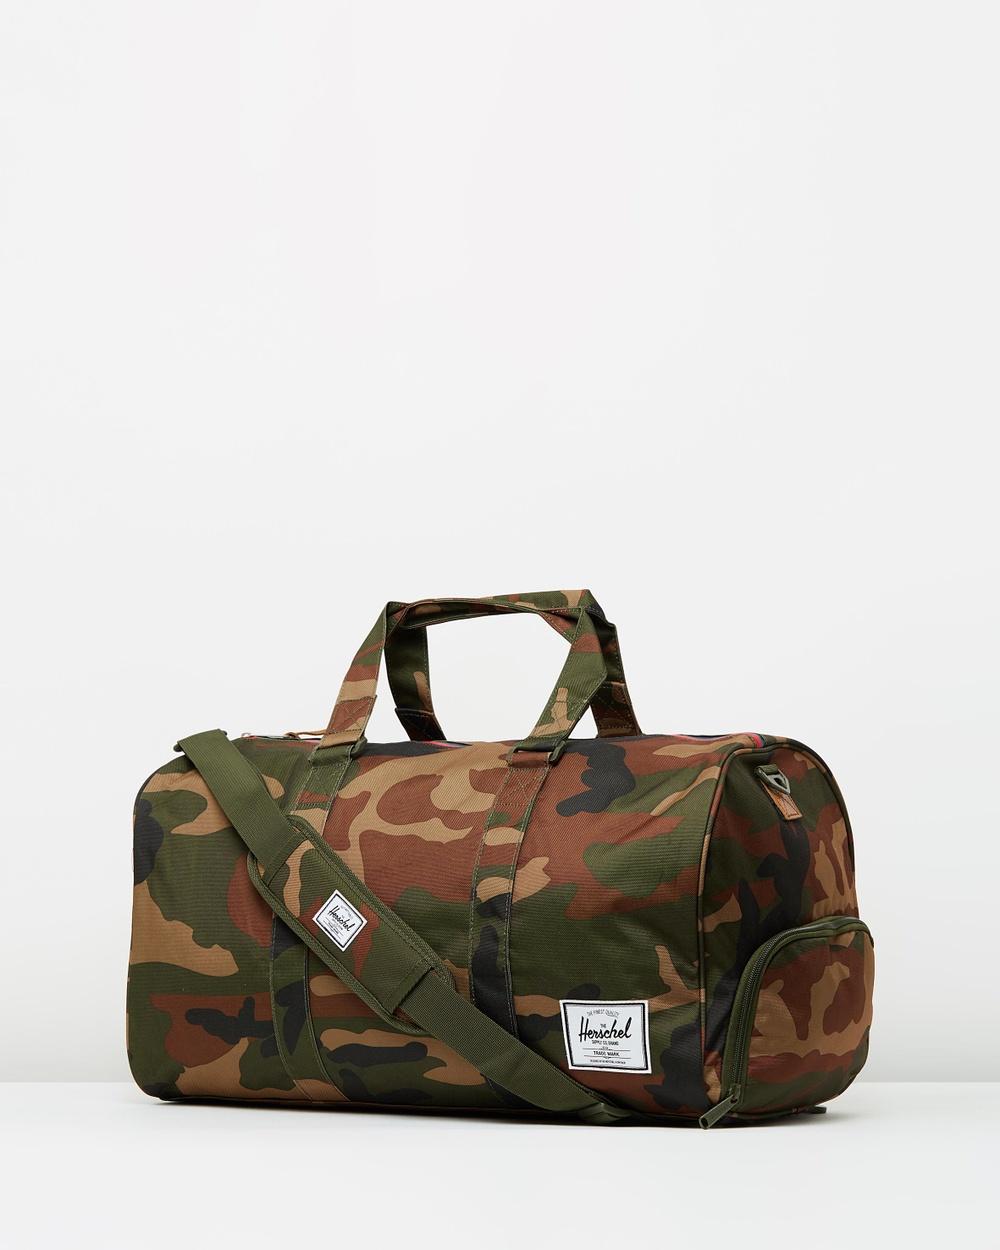 Herschel Novel Duffle Bags Woodland Camo & Multi Zip